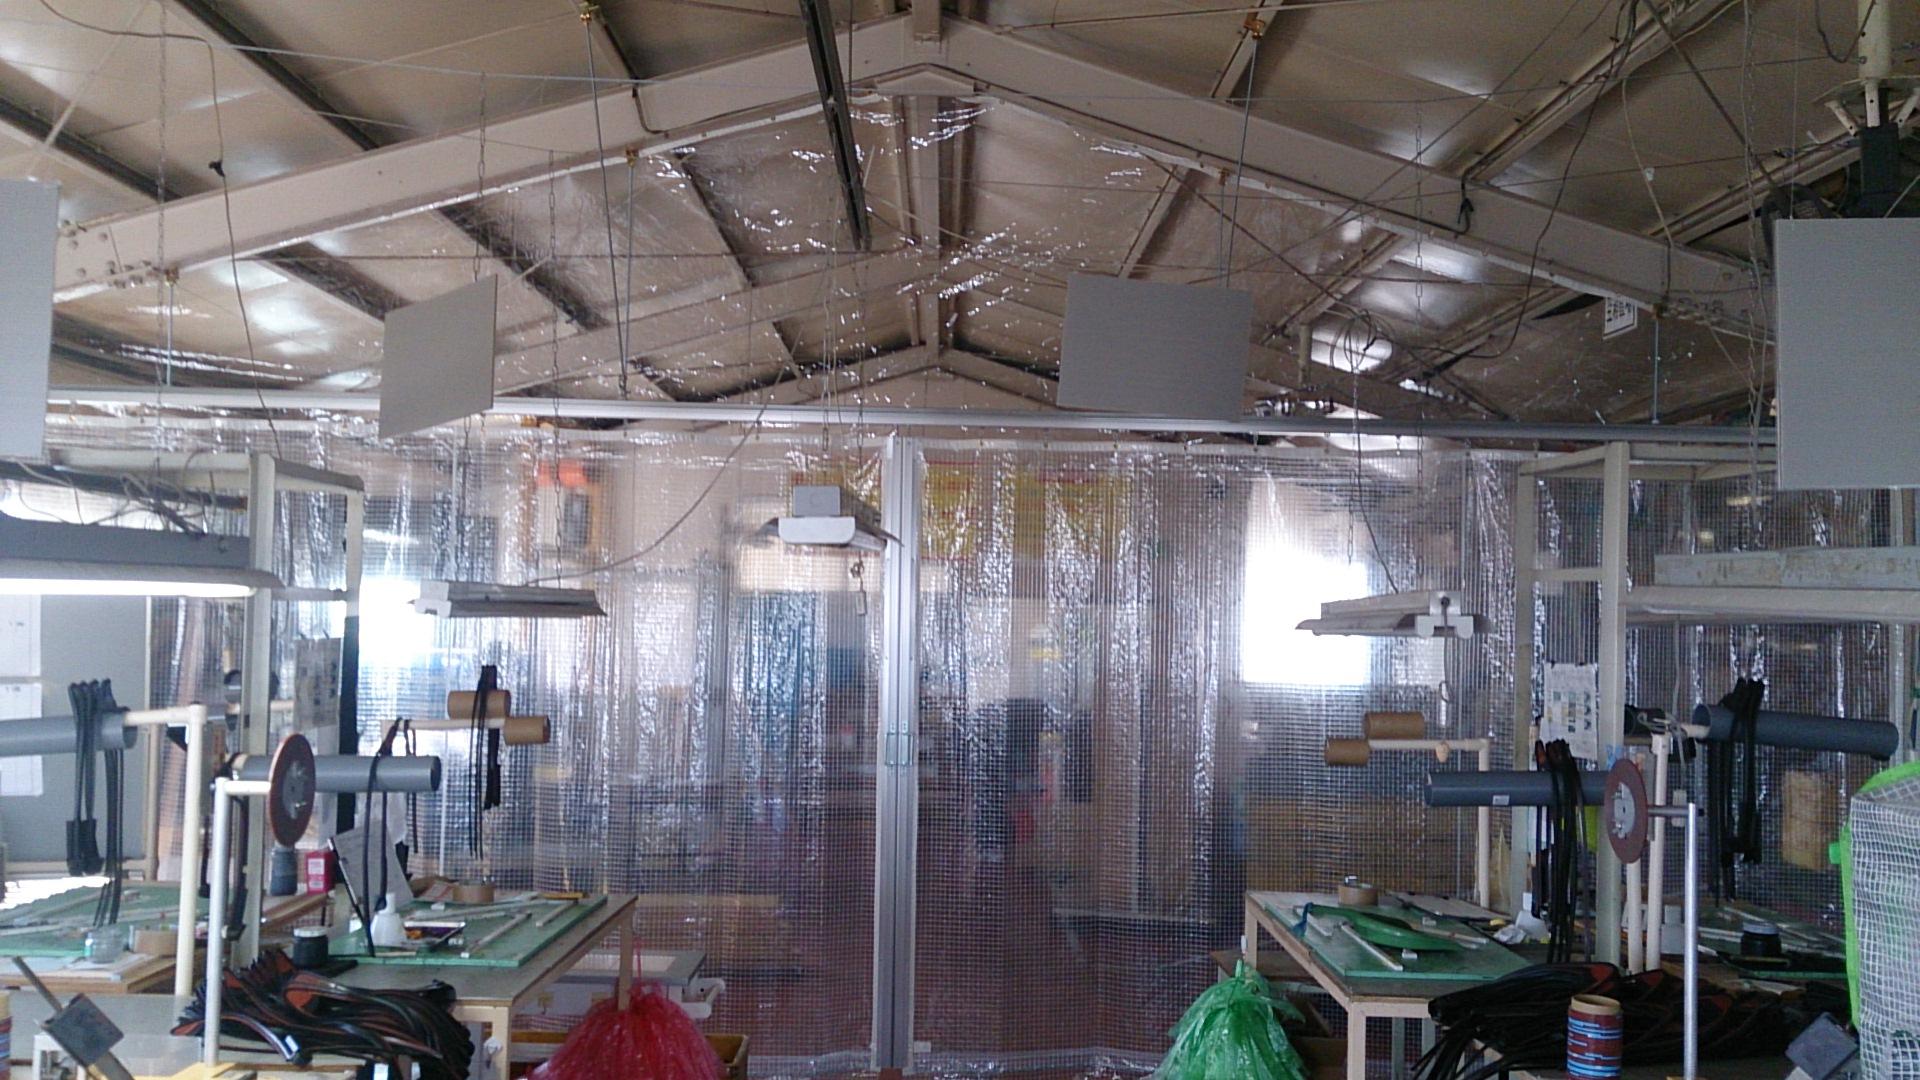 工場、倉庫の暑さ対策にビニールカーテン。空調、冷房設備の効率を上げて省エネしましょう。